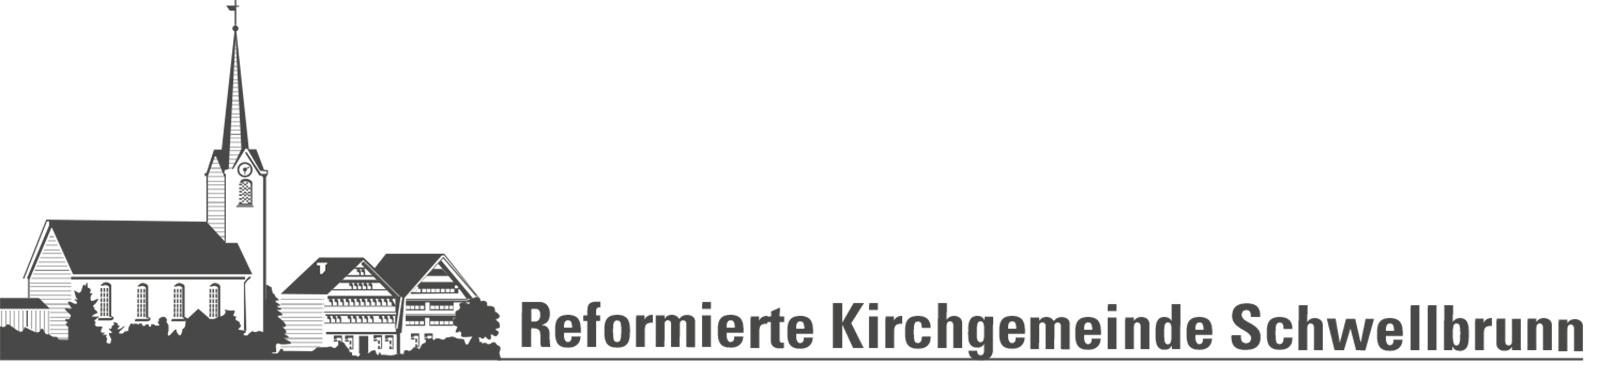 Evangelisch-reformierte Kirche Schwellbrunn - Hier erfahren Sie alles Wissenswerte über das kirchliche Leben der höchstgelegenen Appenzeller Gemeinde.